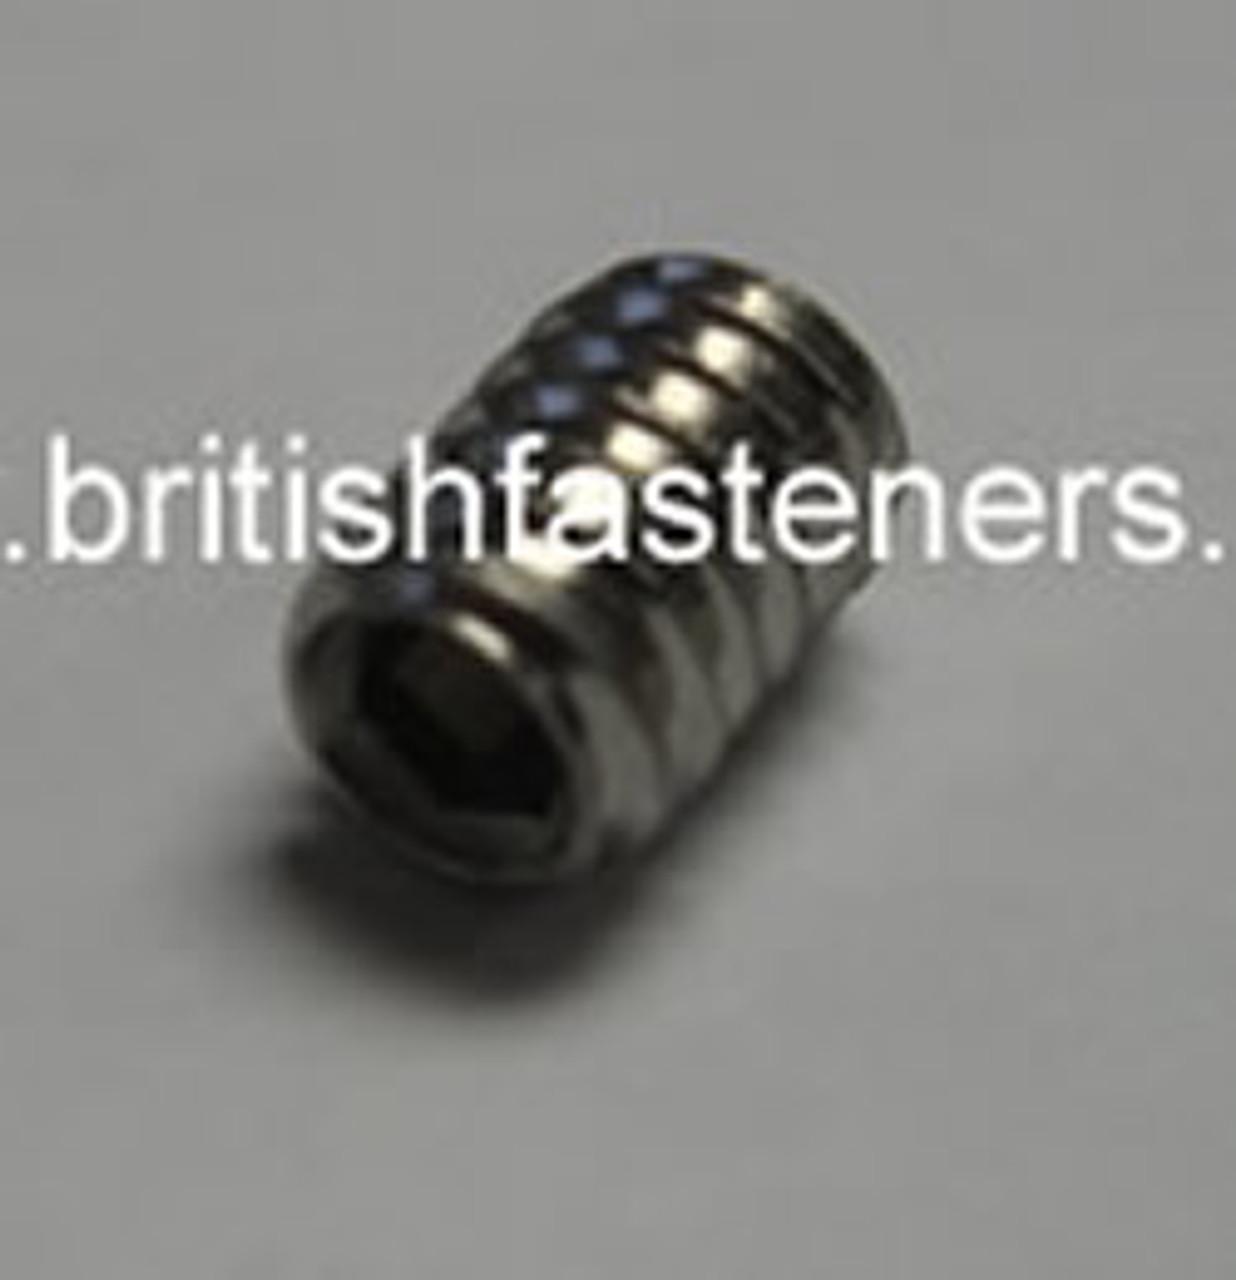 Stainless Grub Screw BSW 1/4 x 3/8 - (7315)